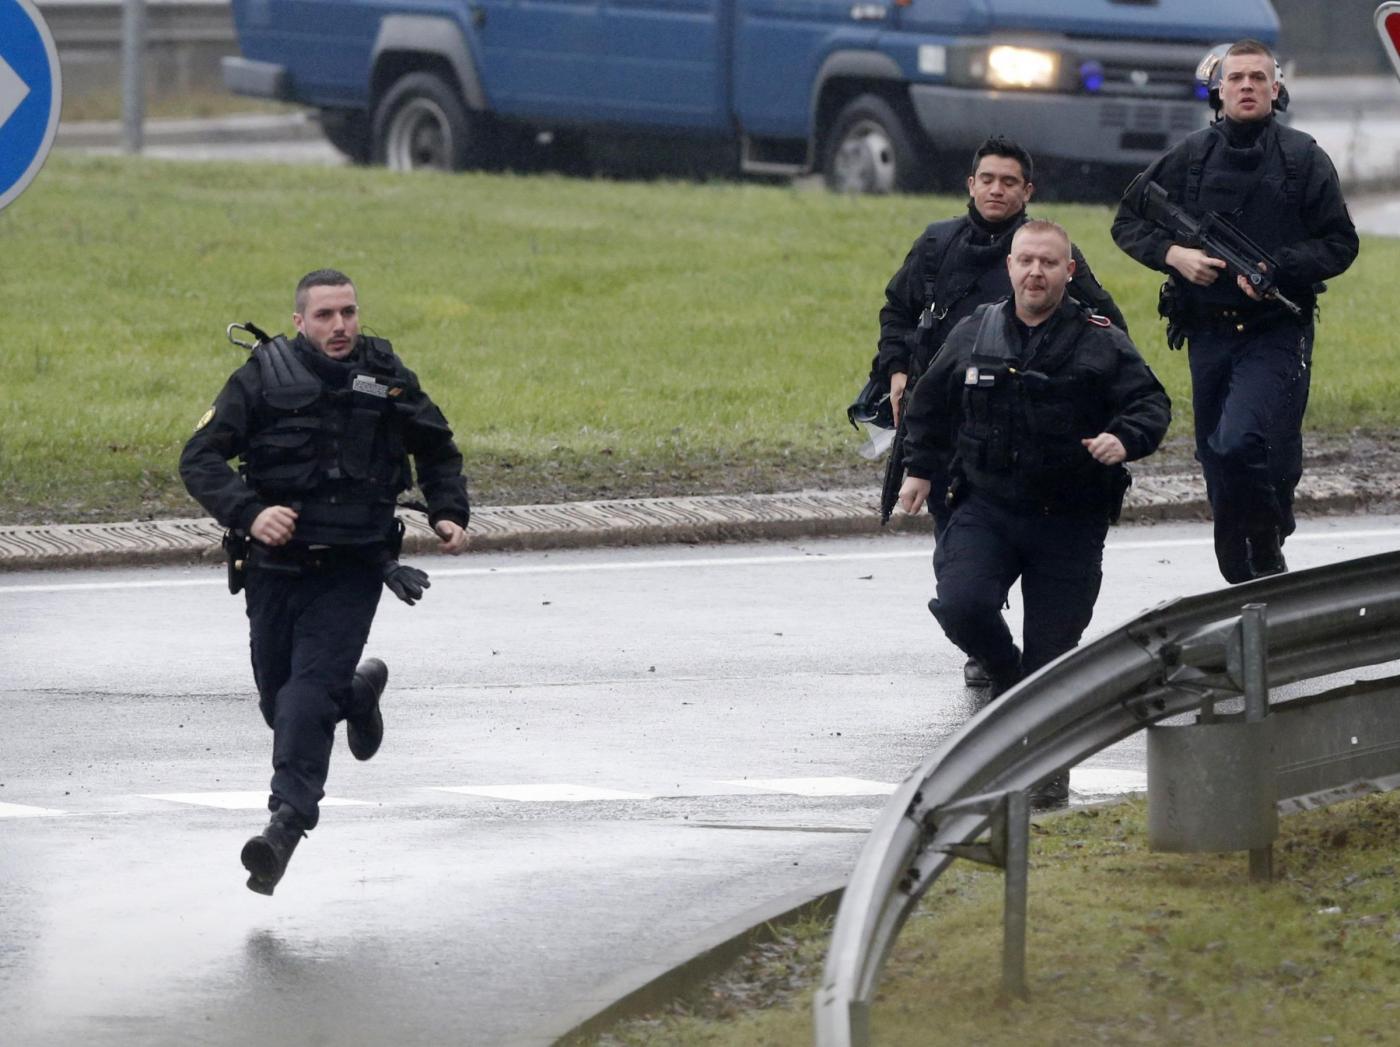 Charlie Hebdo:operazione in corso a Dammartin-en-Goele